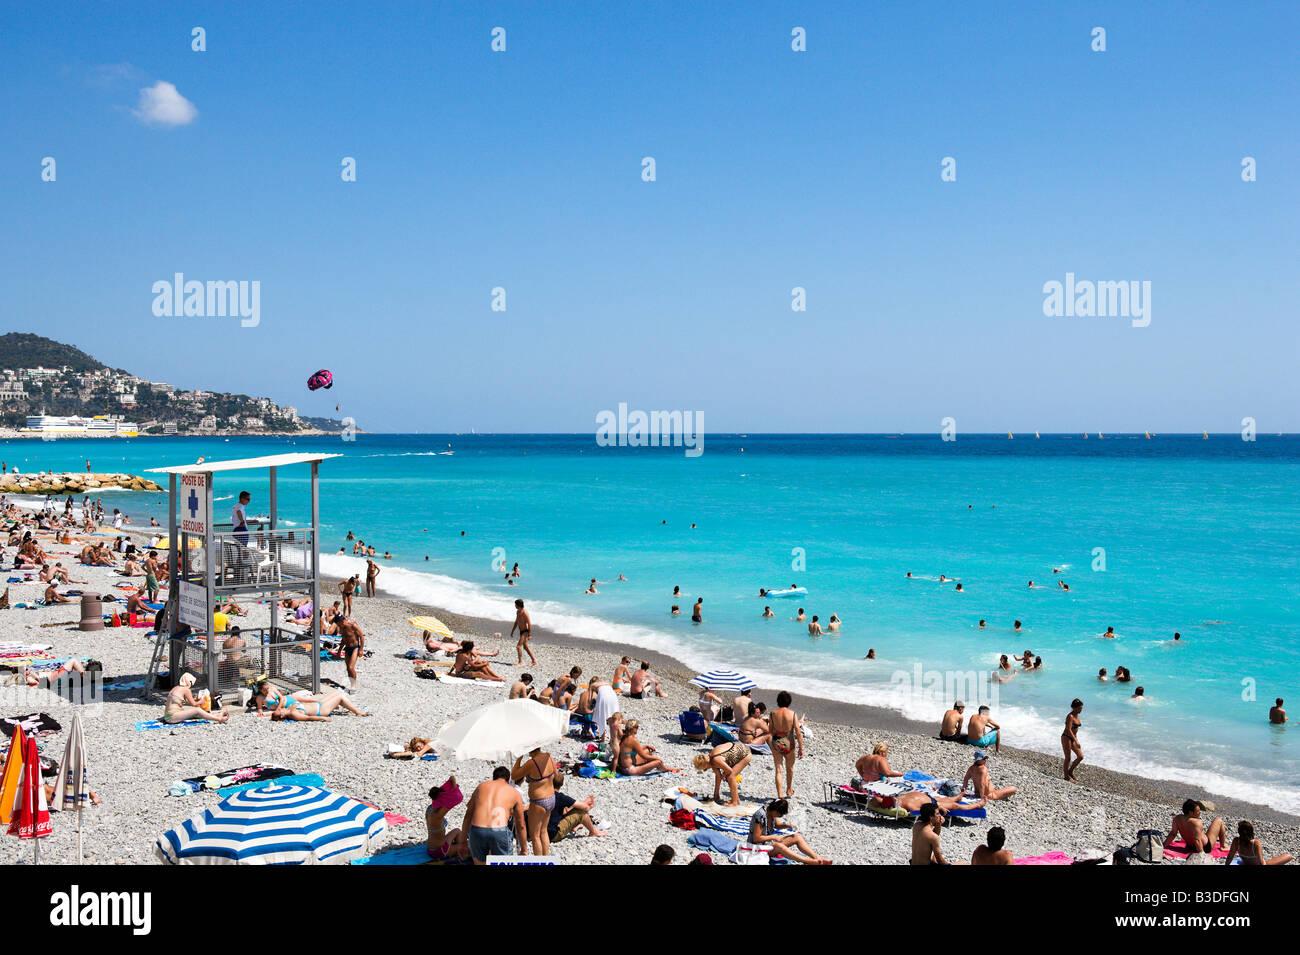 Spiaggia fuori la Promenade des Anglais, Nizza Cote d'Azur, Costa Azzurra, Francia Immagini Stock